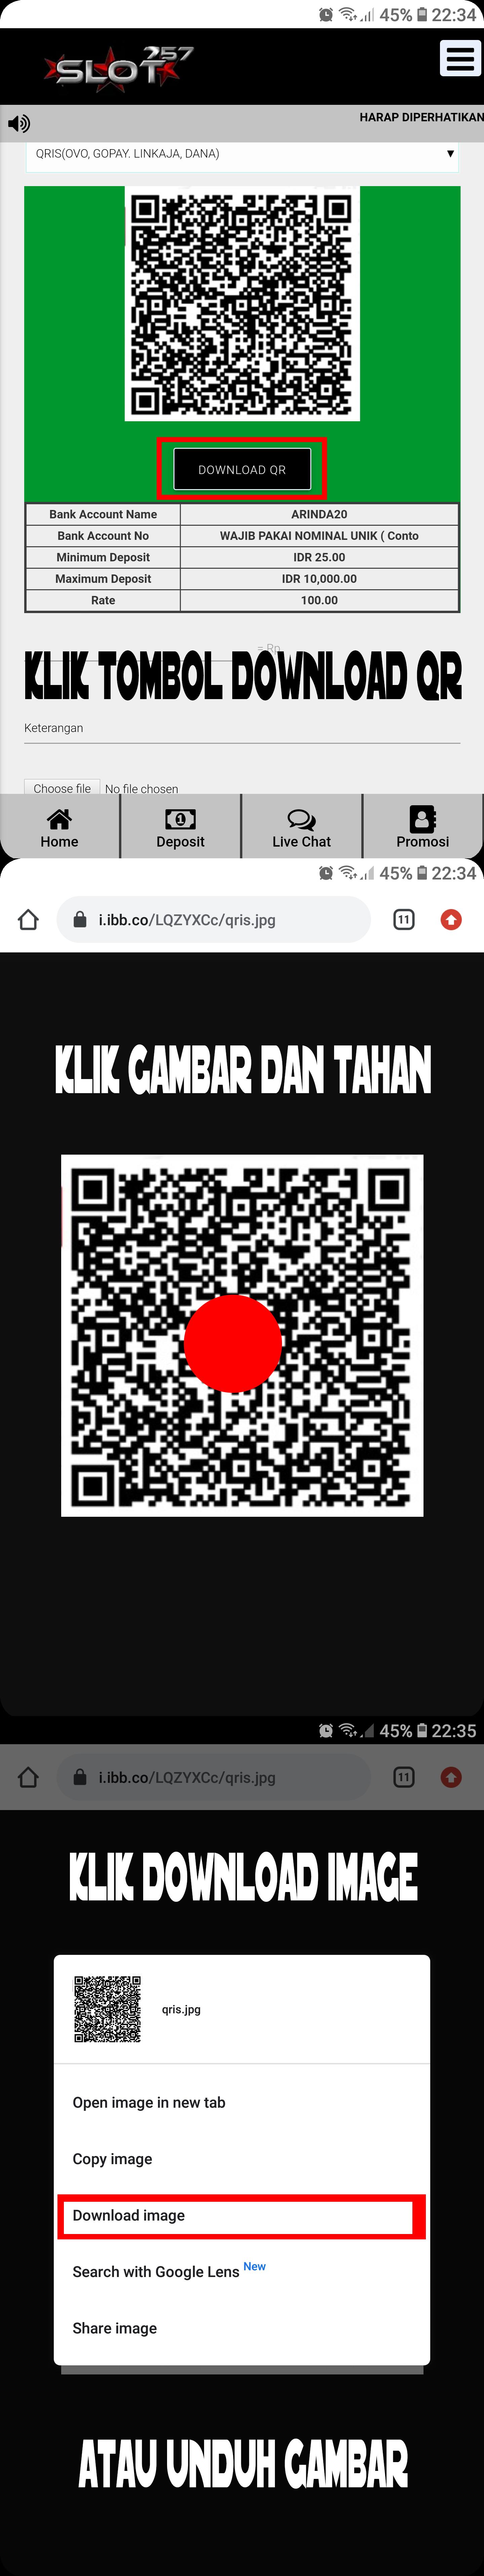 Cara Deposit QRIS Tanpa Scan